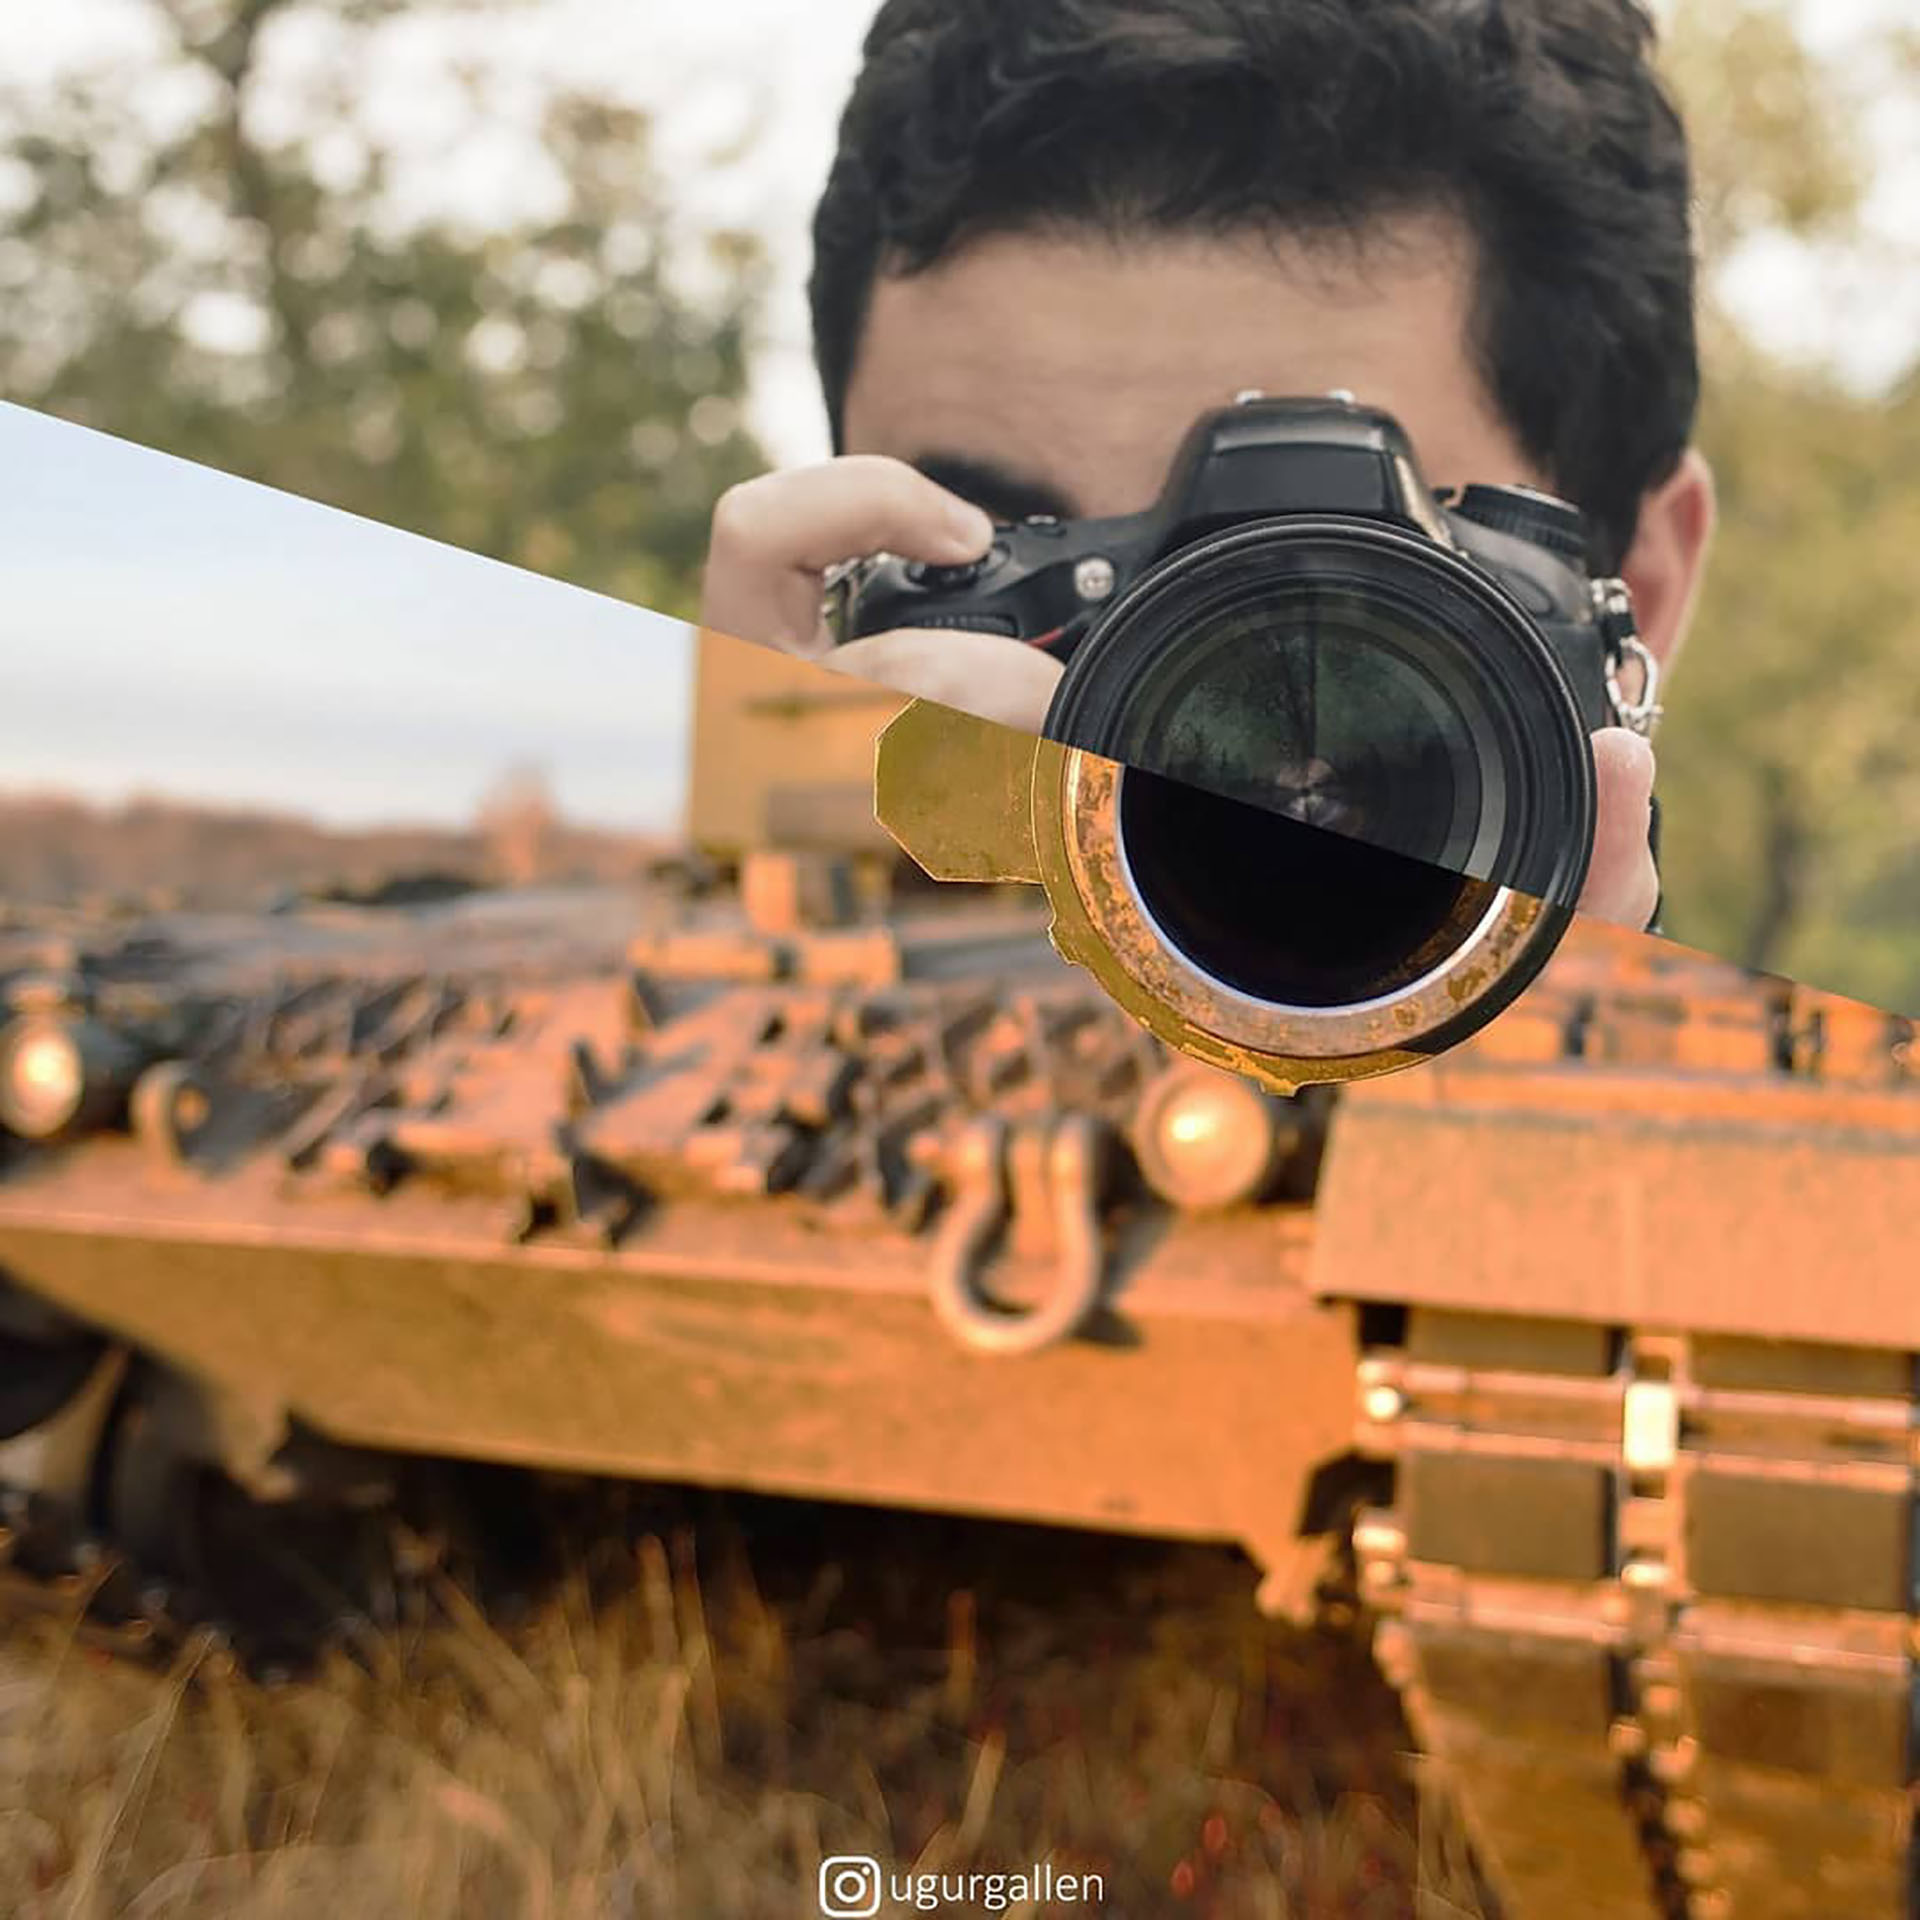 Un fotógrafo y un tanque